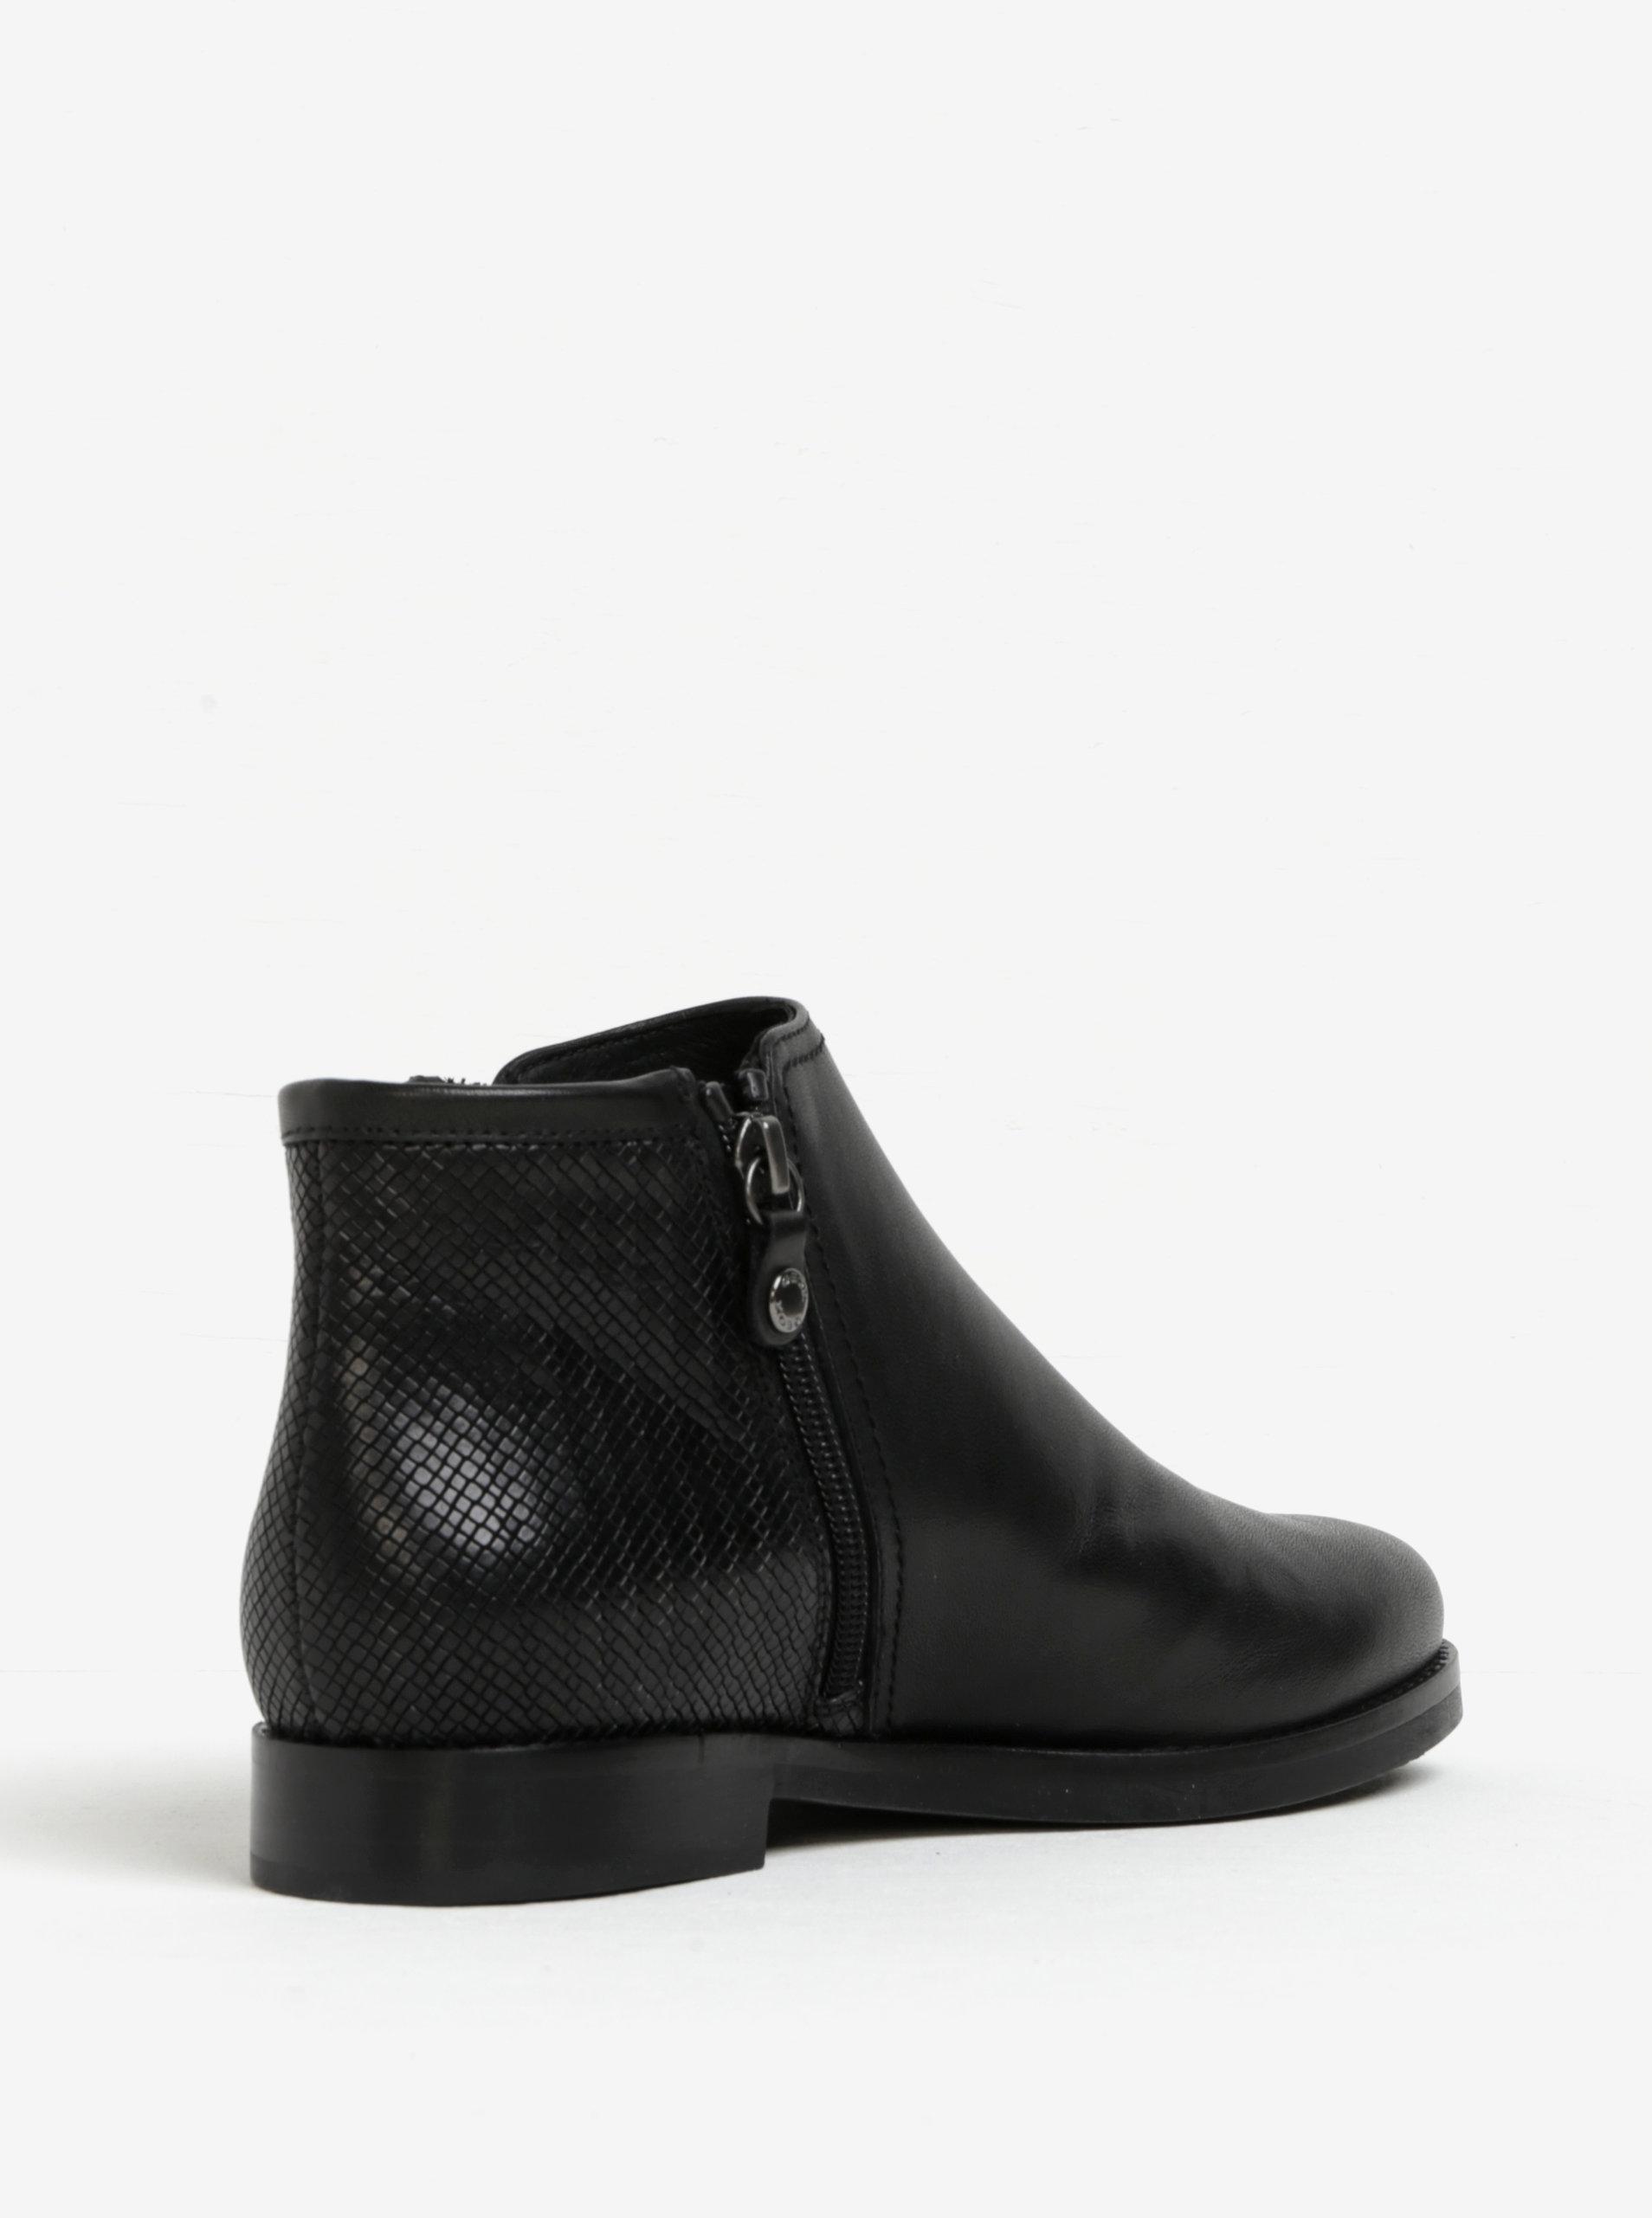 Černé dámské kožené kotníkové boty Geox Promethea ... e52bf73319